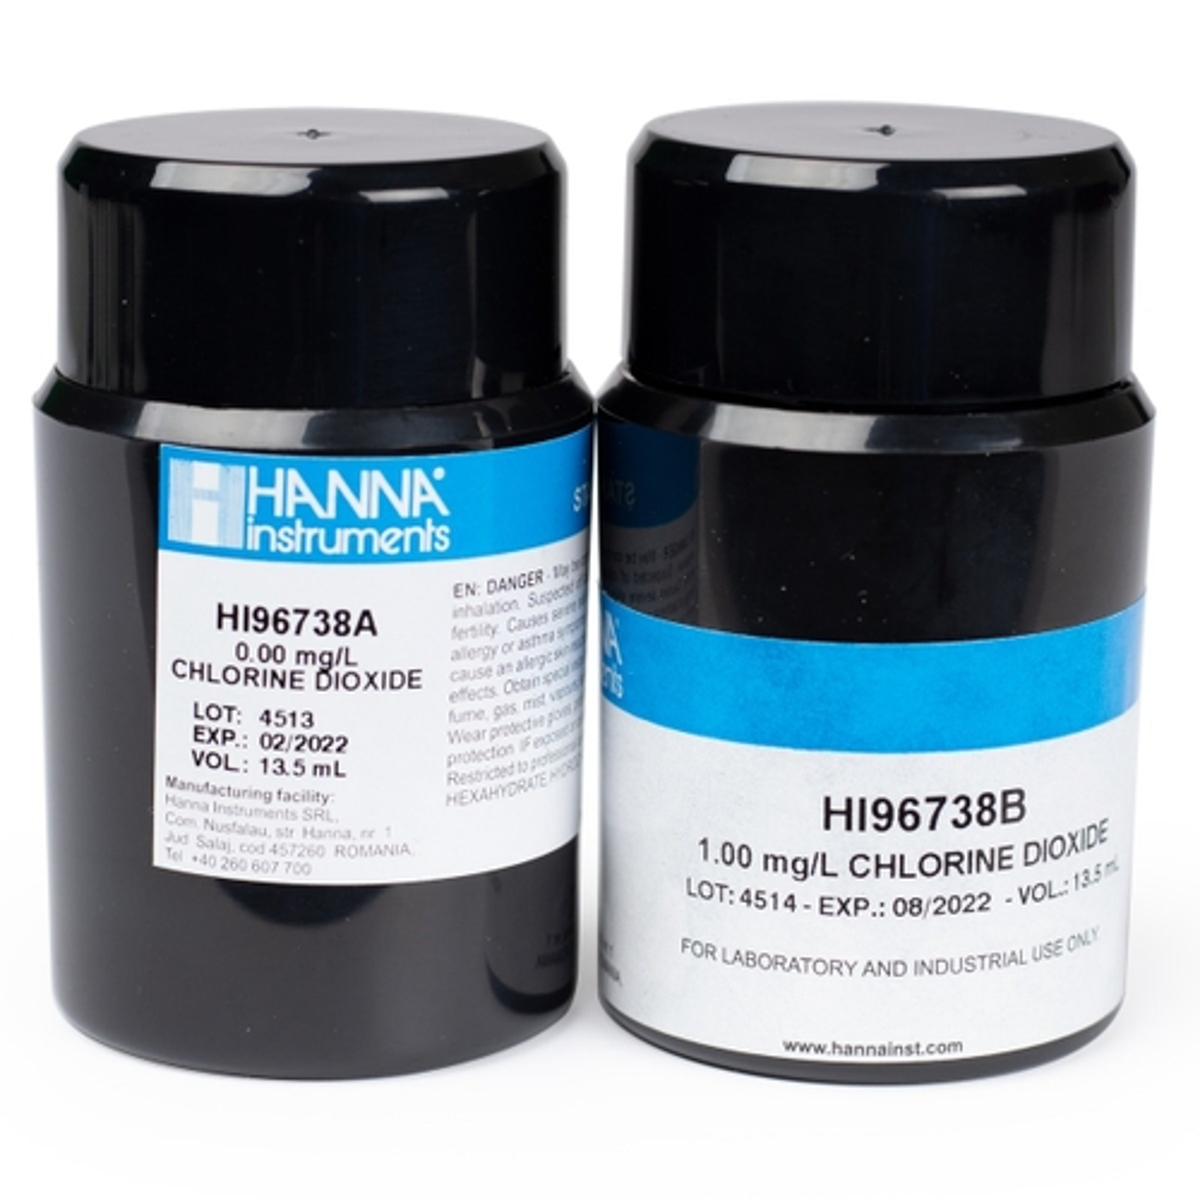 HI96738-11 Chlorine Dioxide CAL Check™ Standards